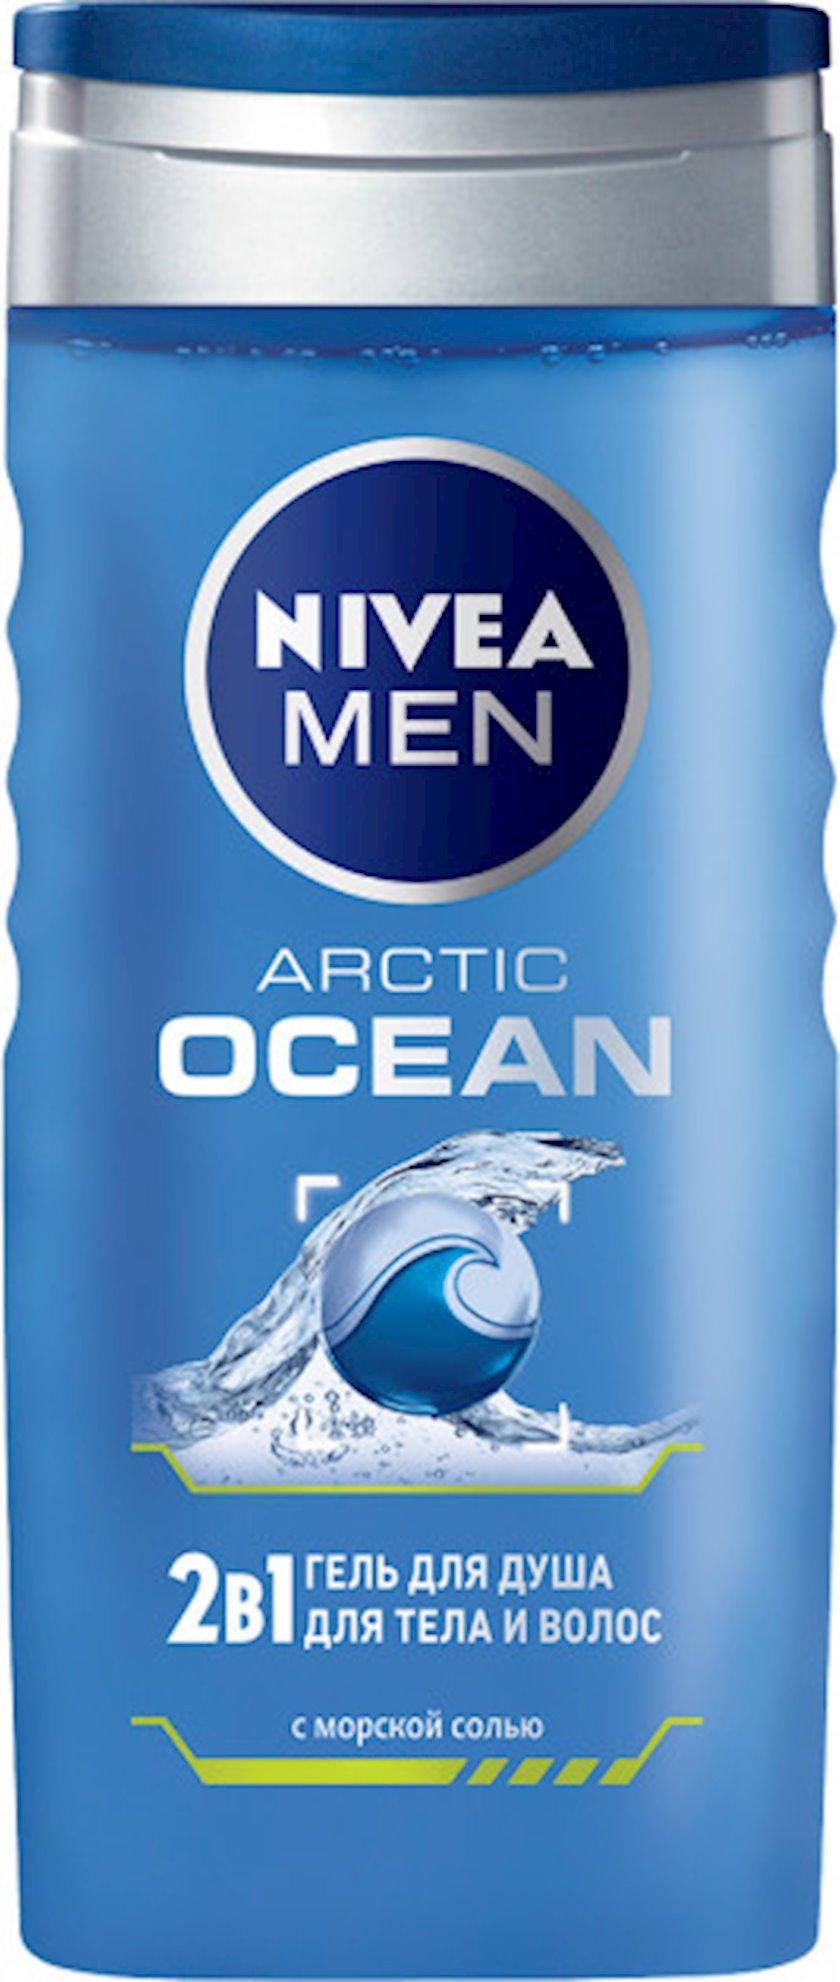 Duş üçün gel Nivea Men 2-si 1-də Arctic Ocean kişilər üçün, bədən və saç üçün dəniz duzu ilə 250 ml